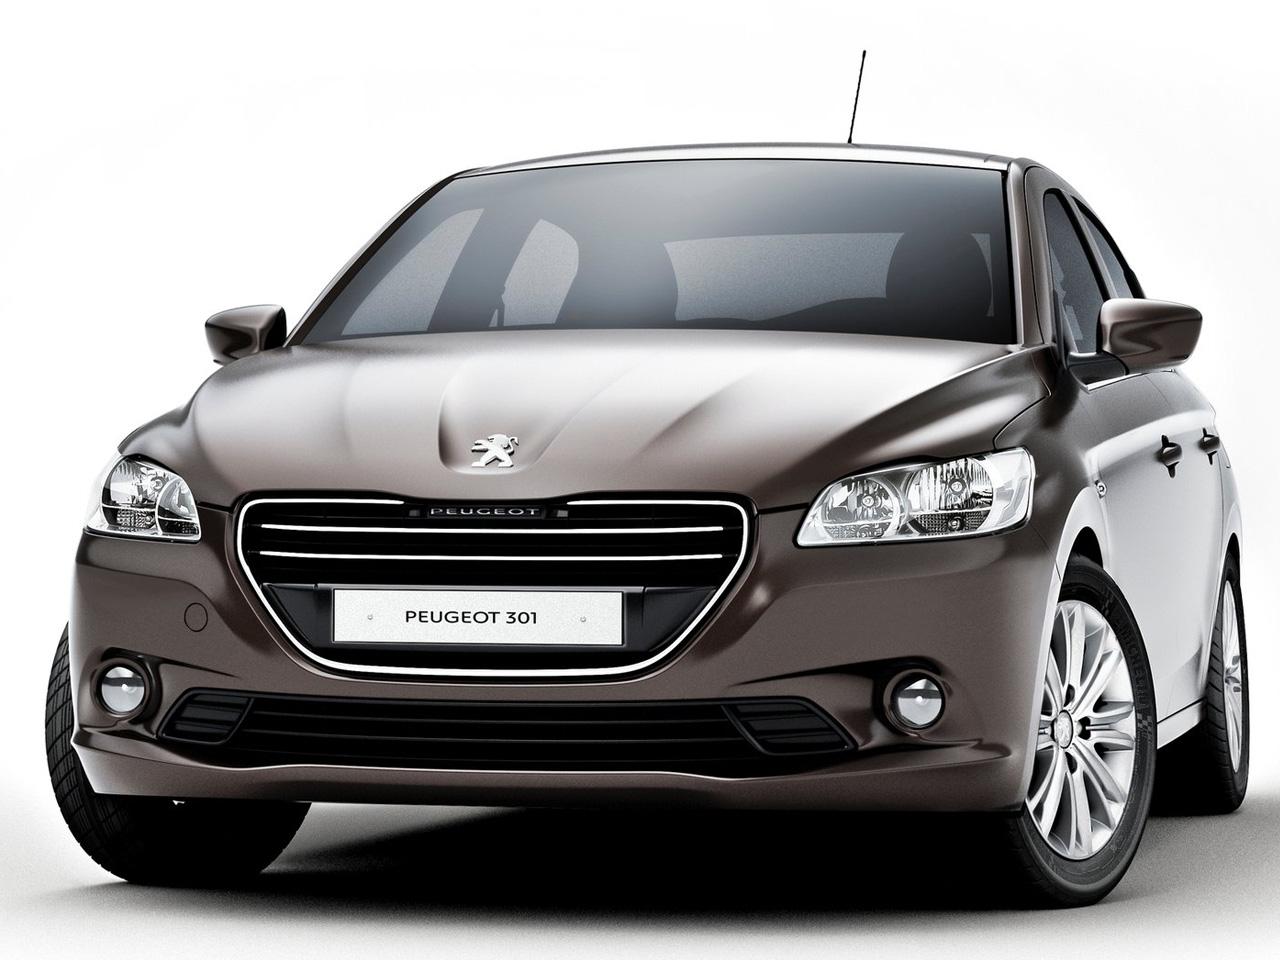 Cool Car Wallpapers: Peugeot Cars 2013